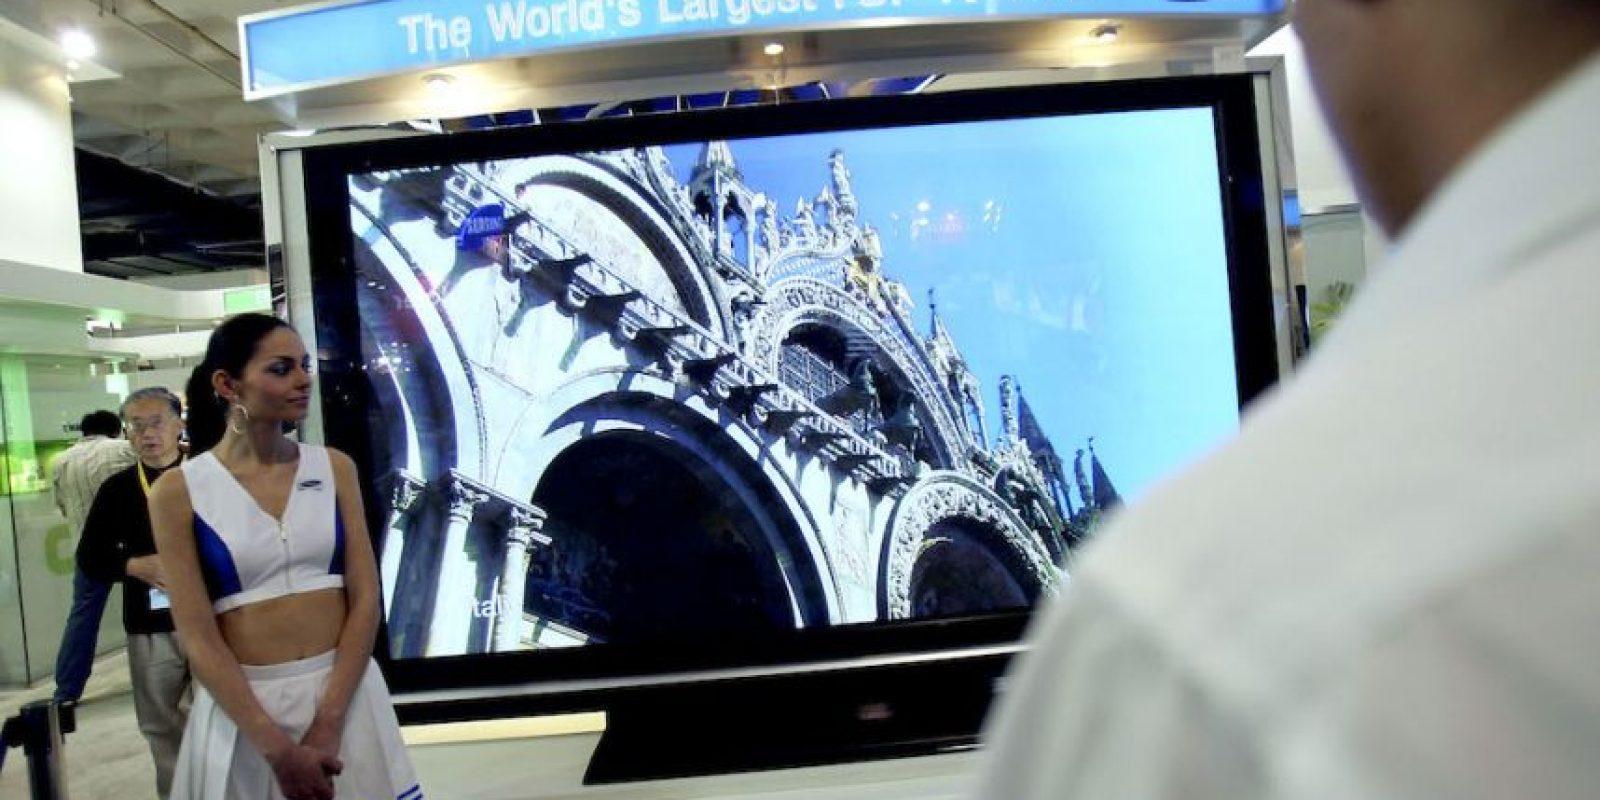 Samsung asegura que esta función se utiliza exclusivamente para mejorar el desempeño del televisor. Foto:Getty Images